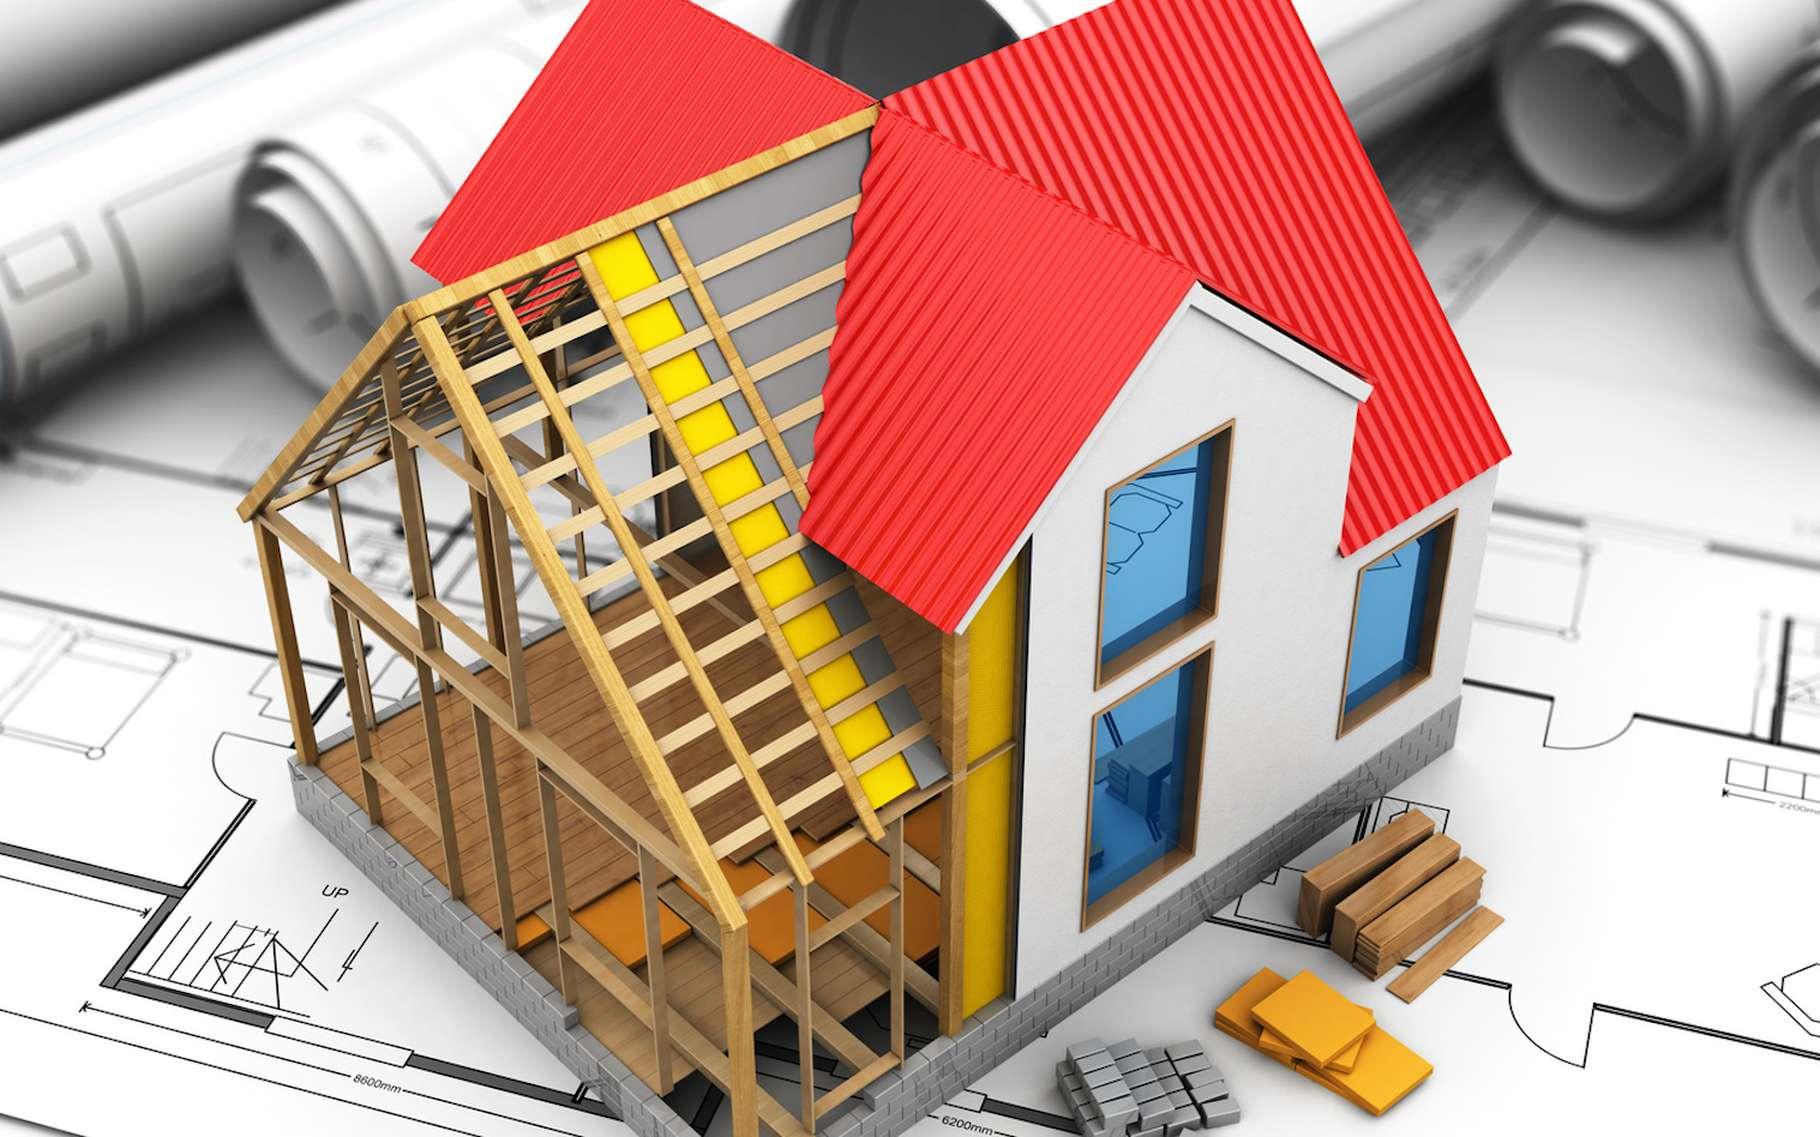 Maquette des travaux d'isolation à réaliser sur son logement